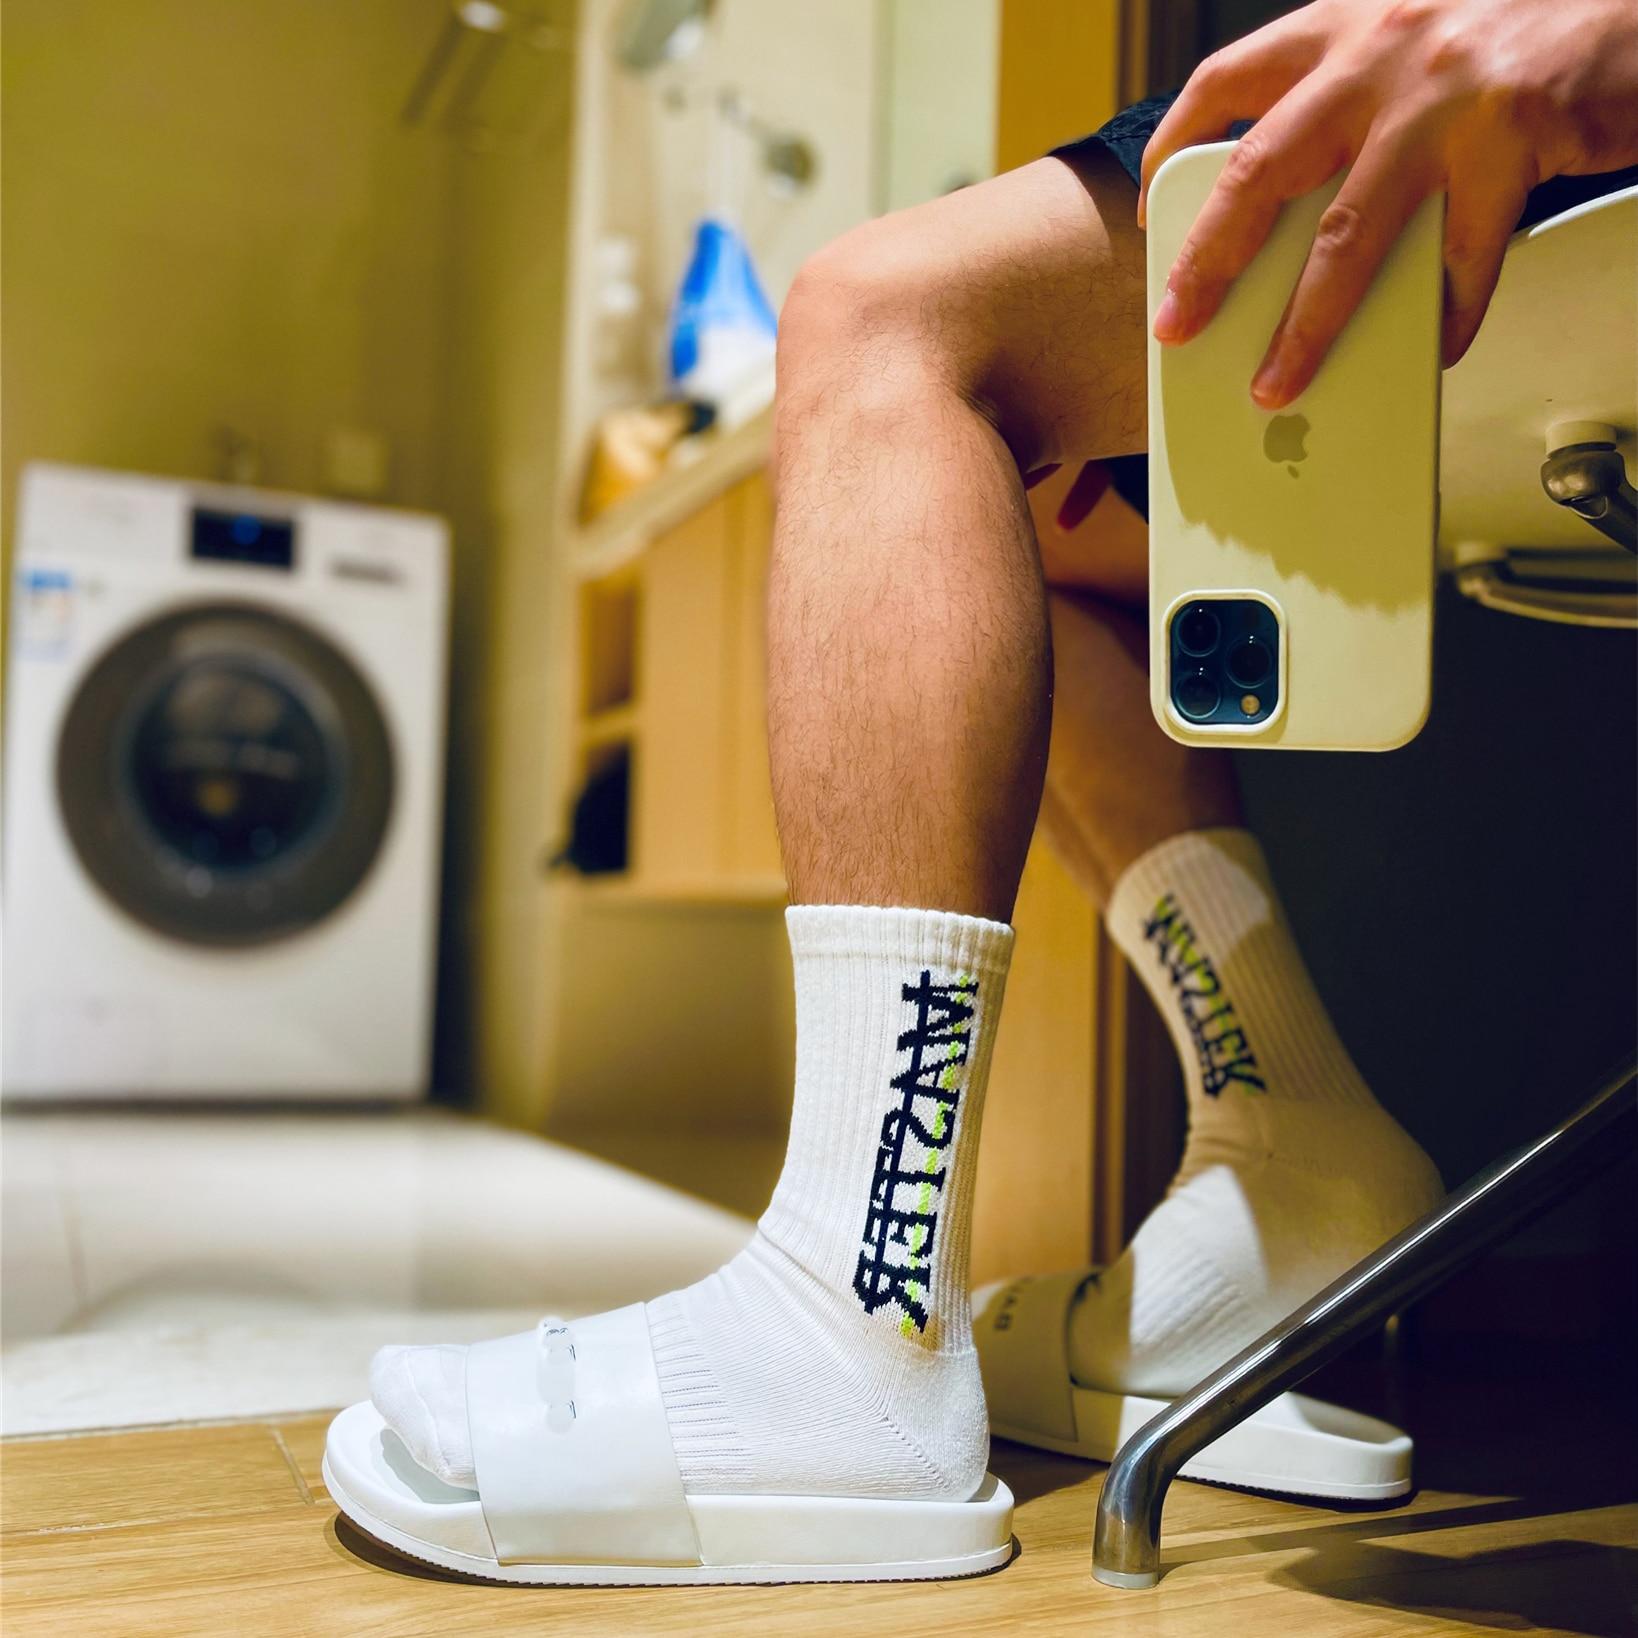 Модные Белые Носки гей верх Верх Низ сексуальные мужские спортивные длинные носки уличная одежда носки с надписью удобные носки